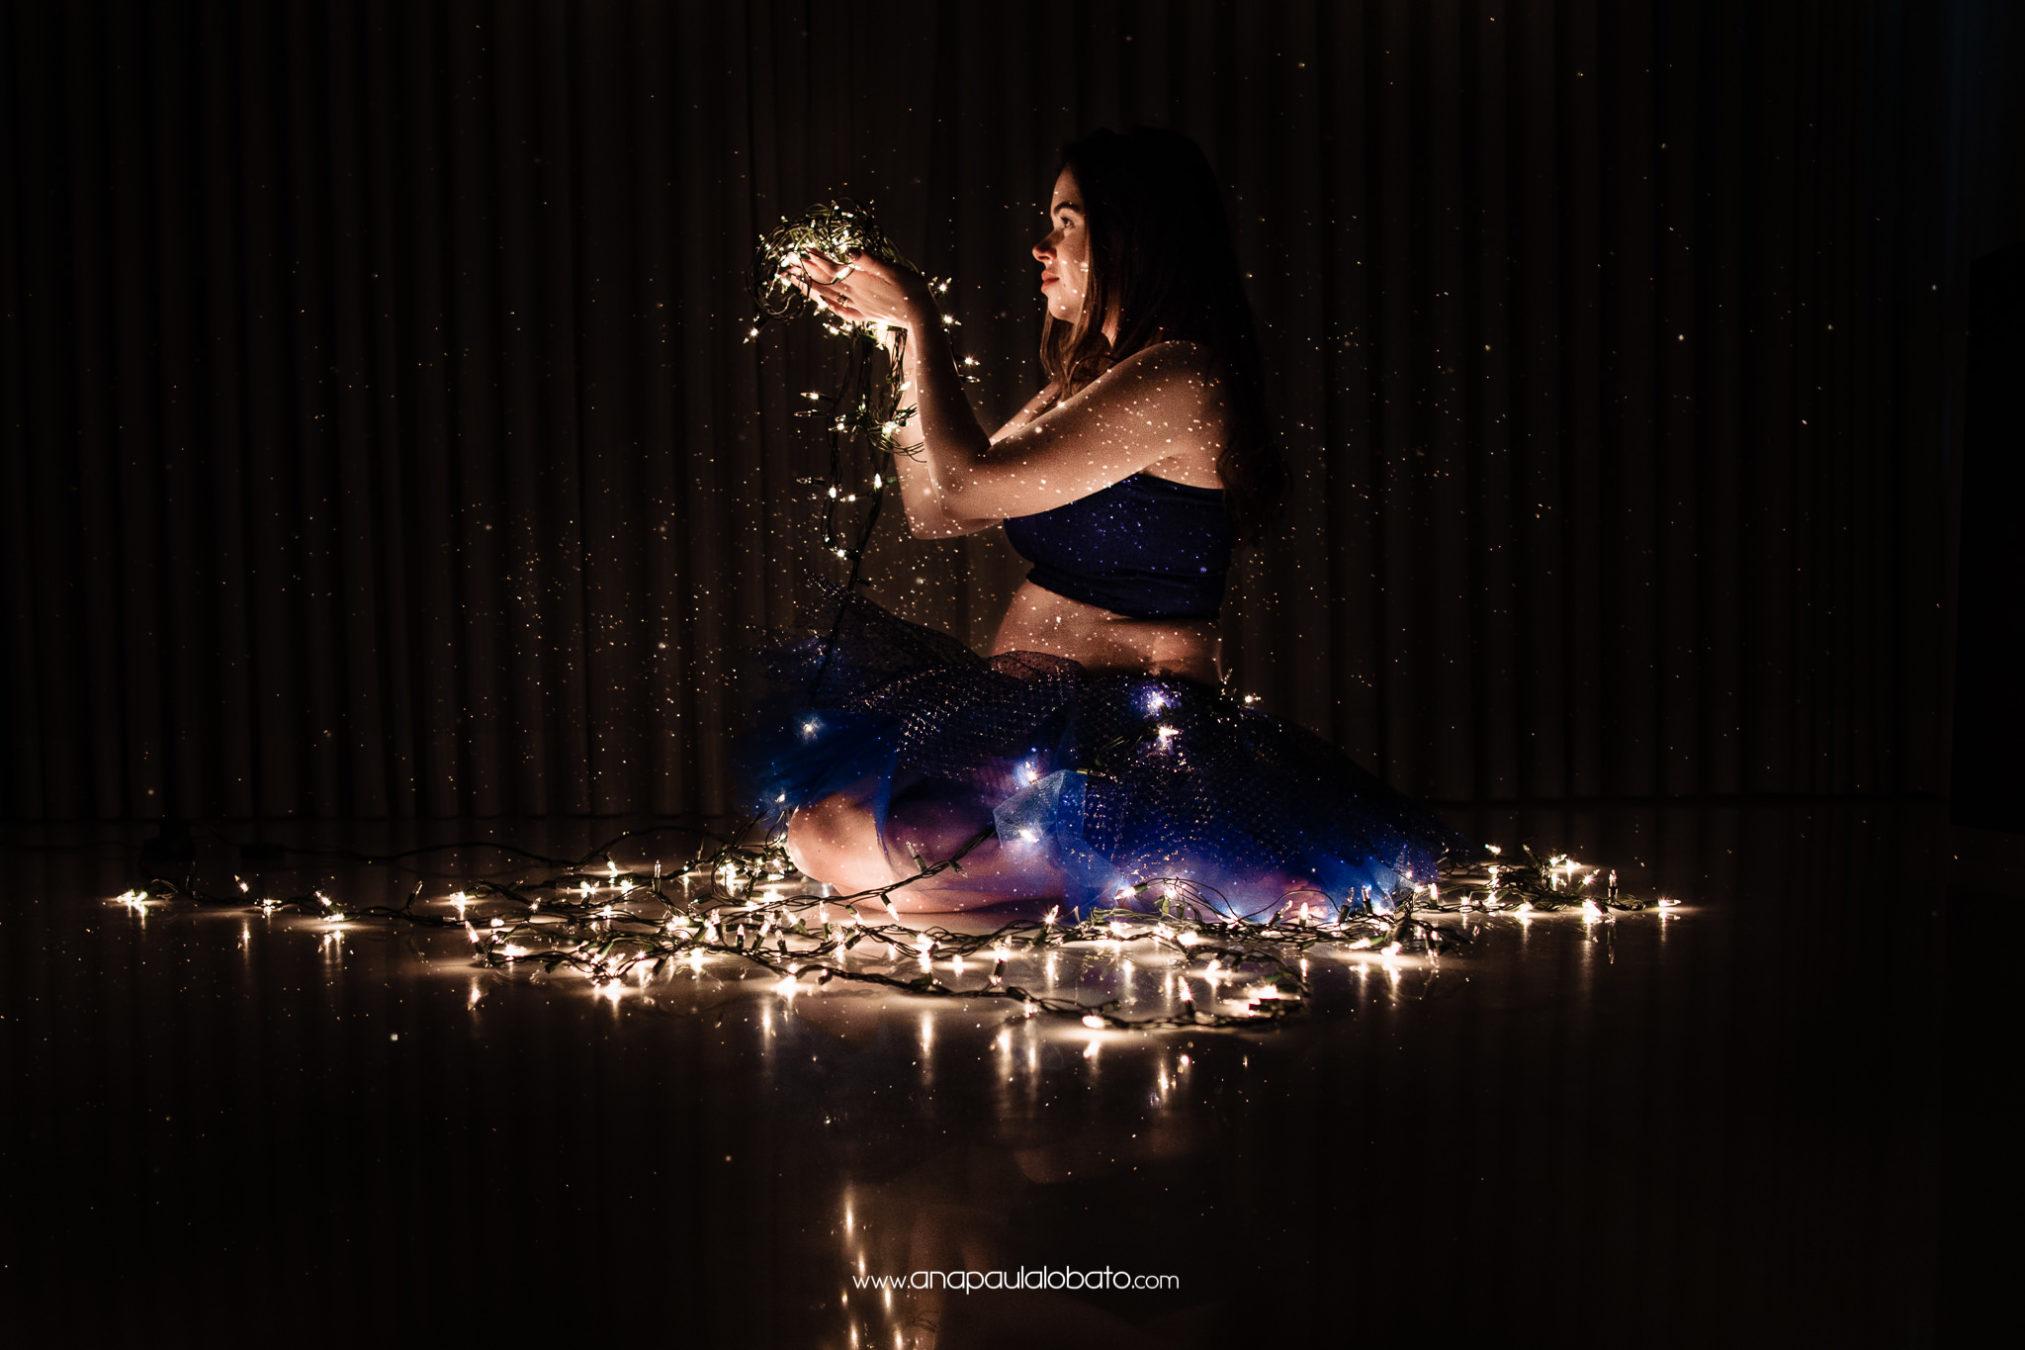 foto de gravida com luzinhas